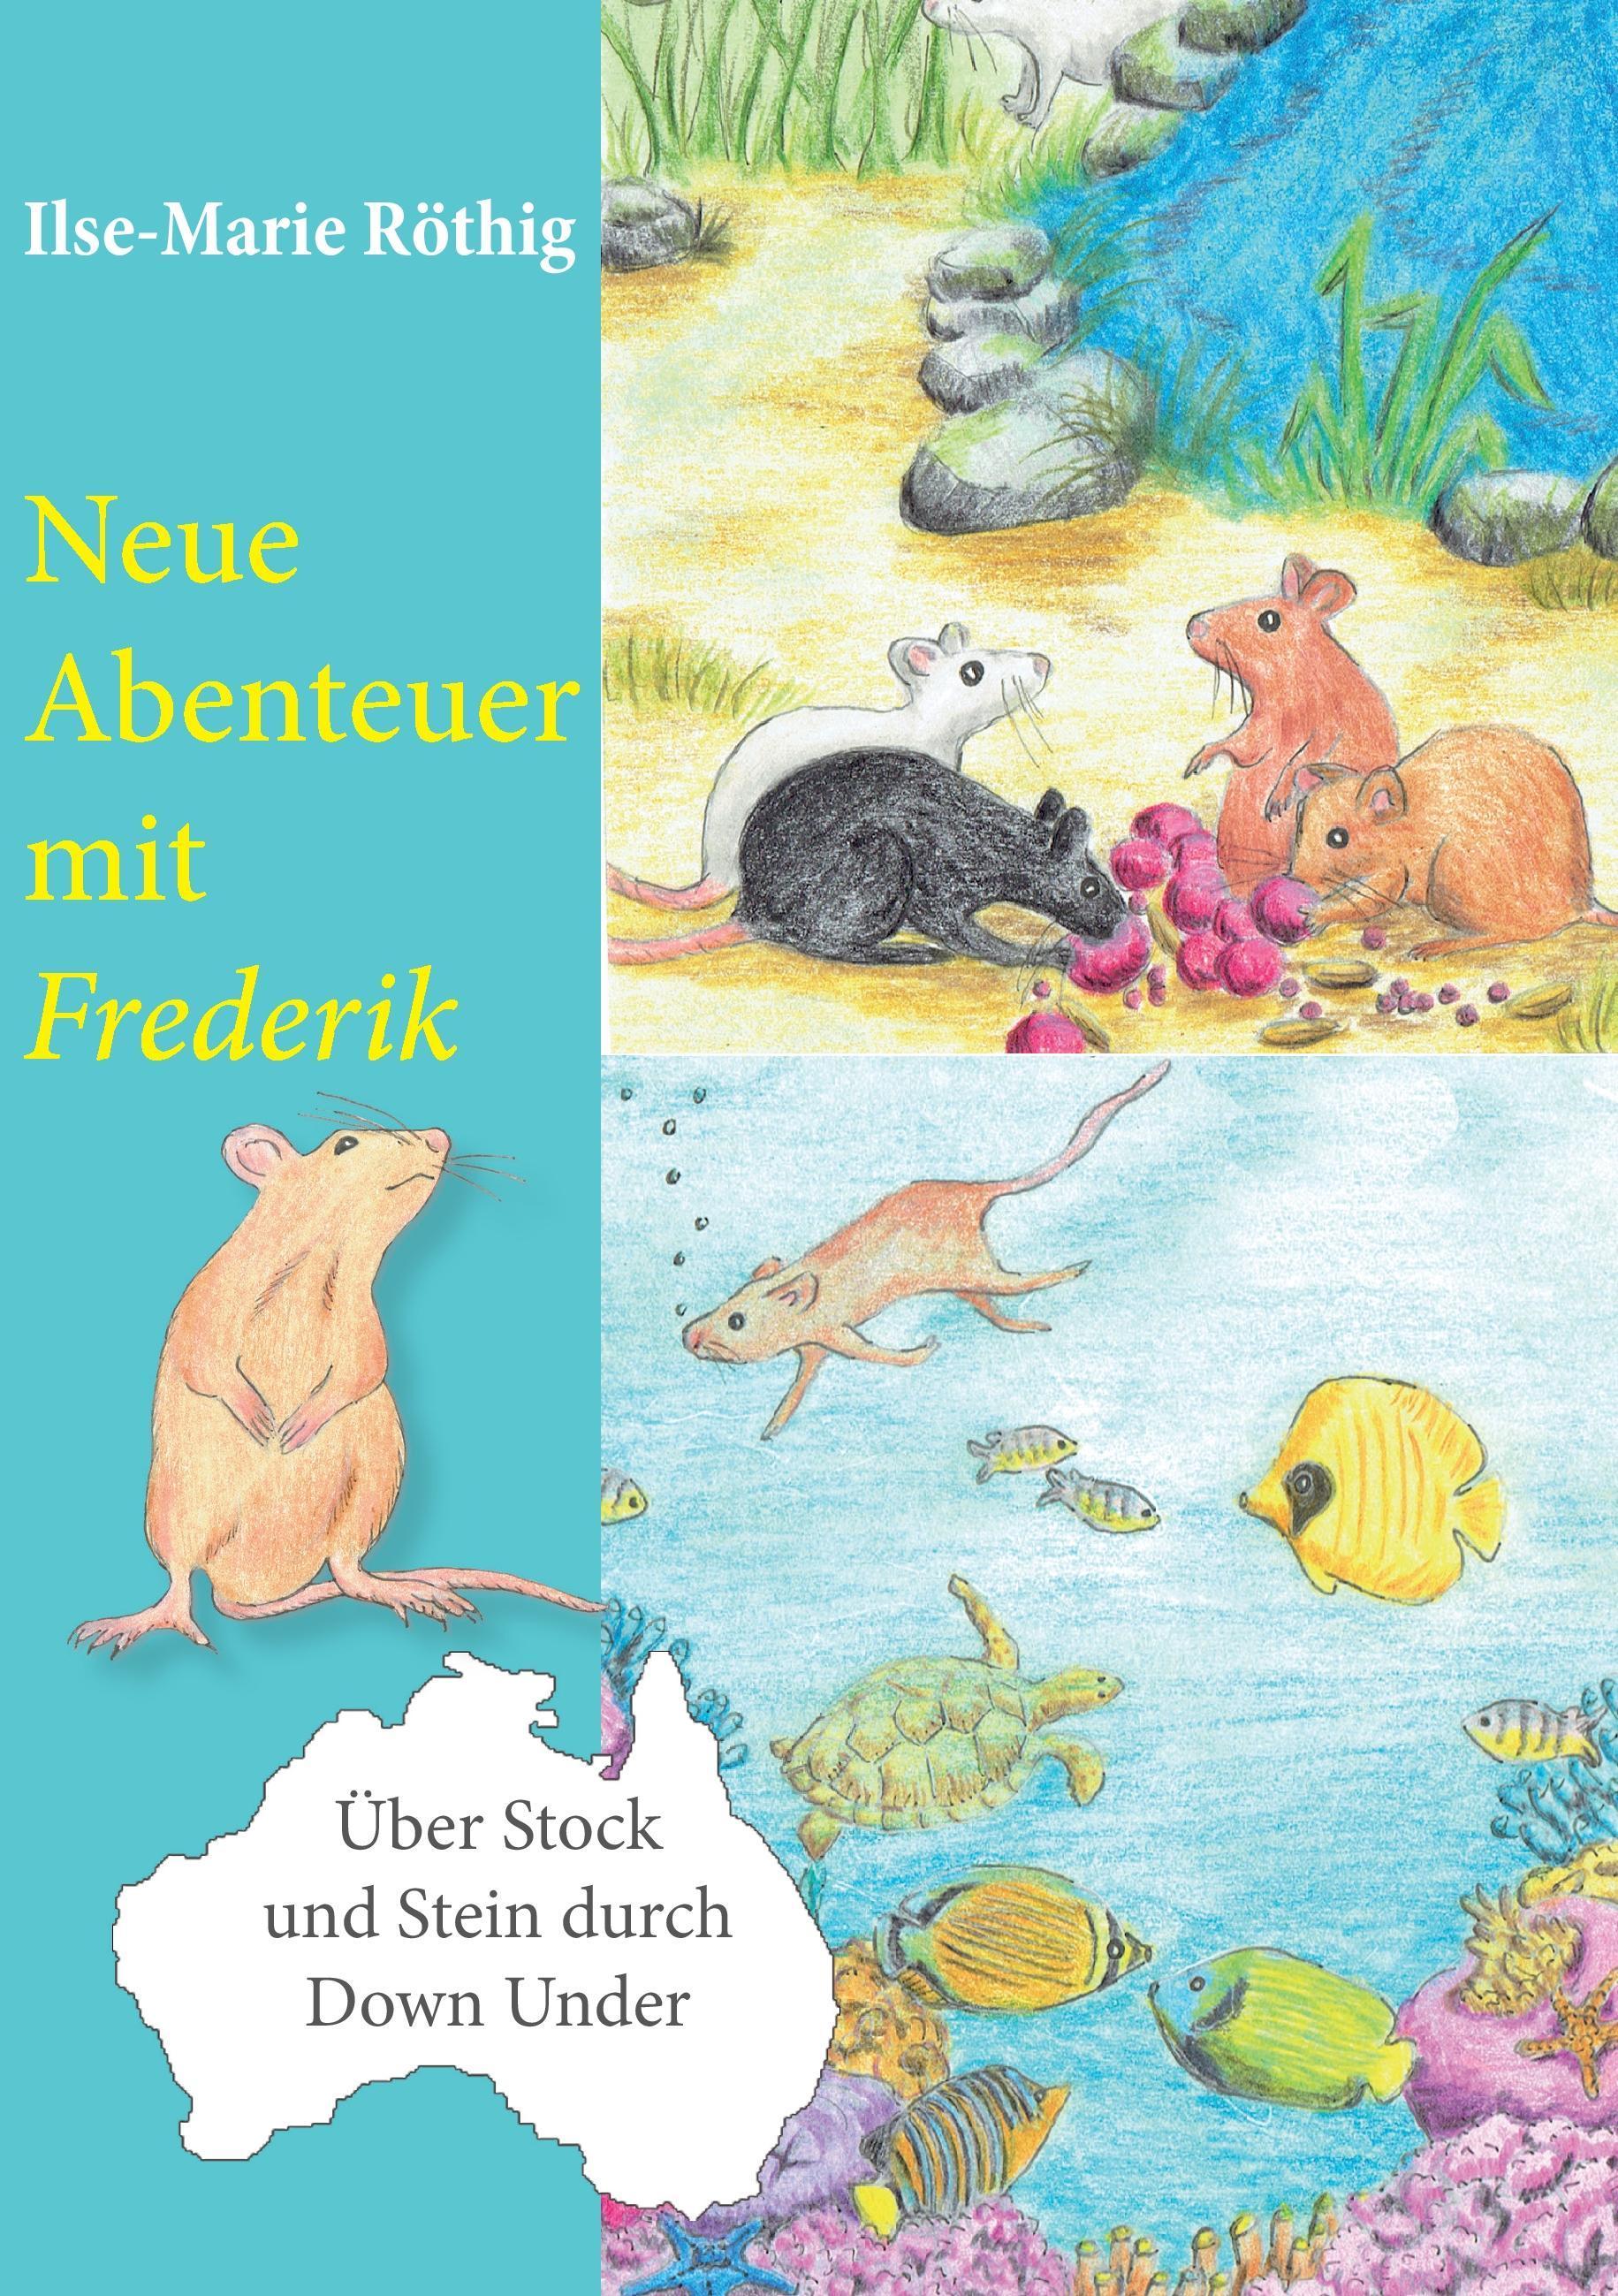 Neue Abenteuer mit Frederik